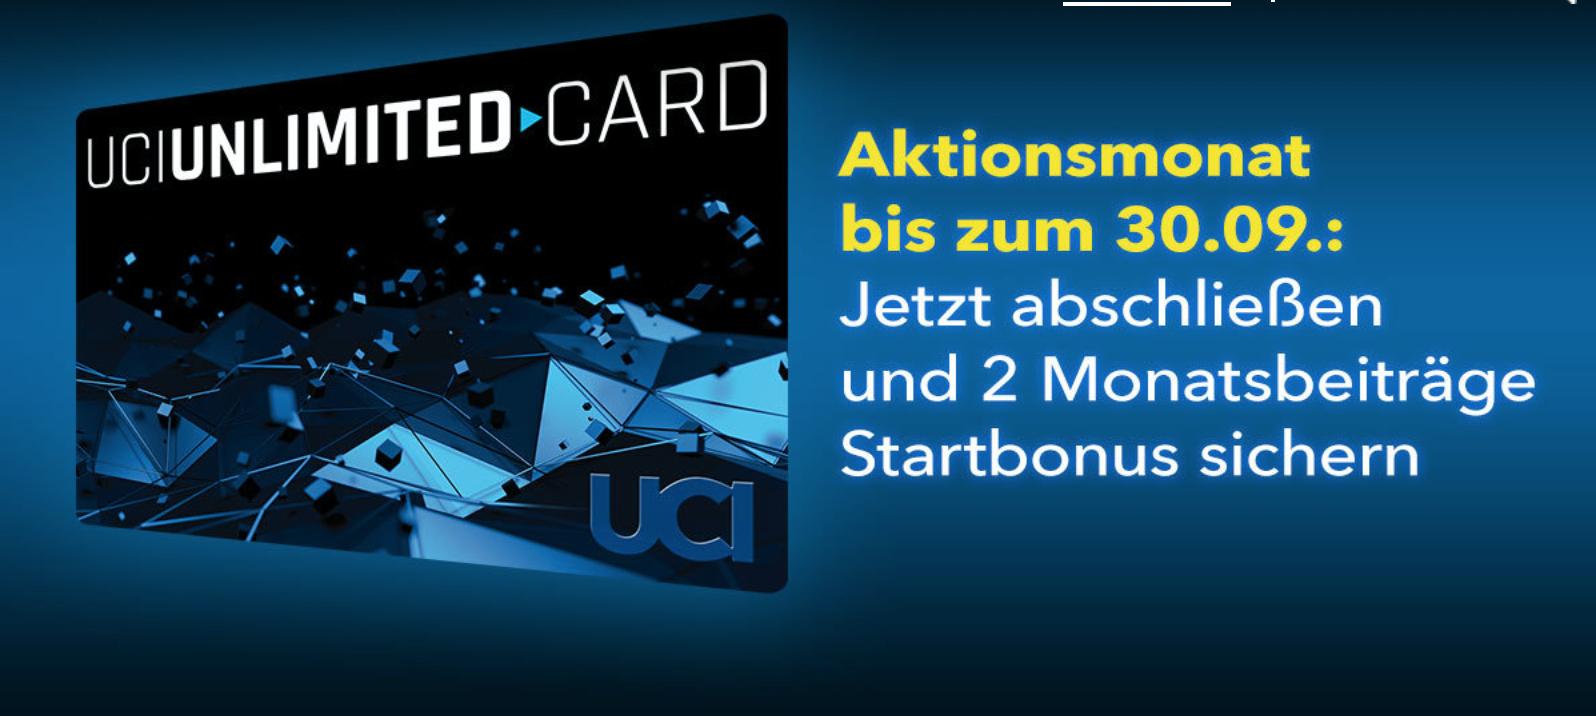 UCI Unlimited Card mit 2 Monatsbeiträgen als Startbonus!